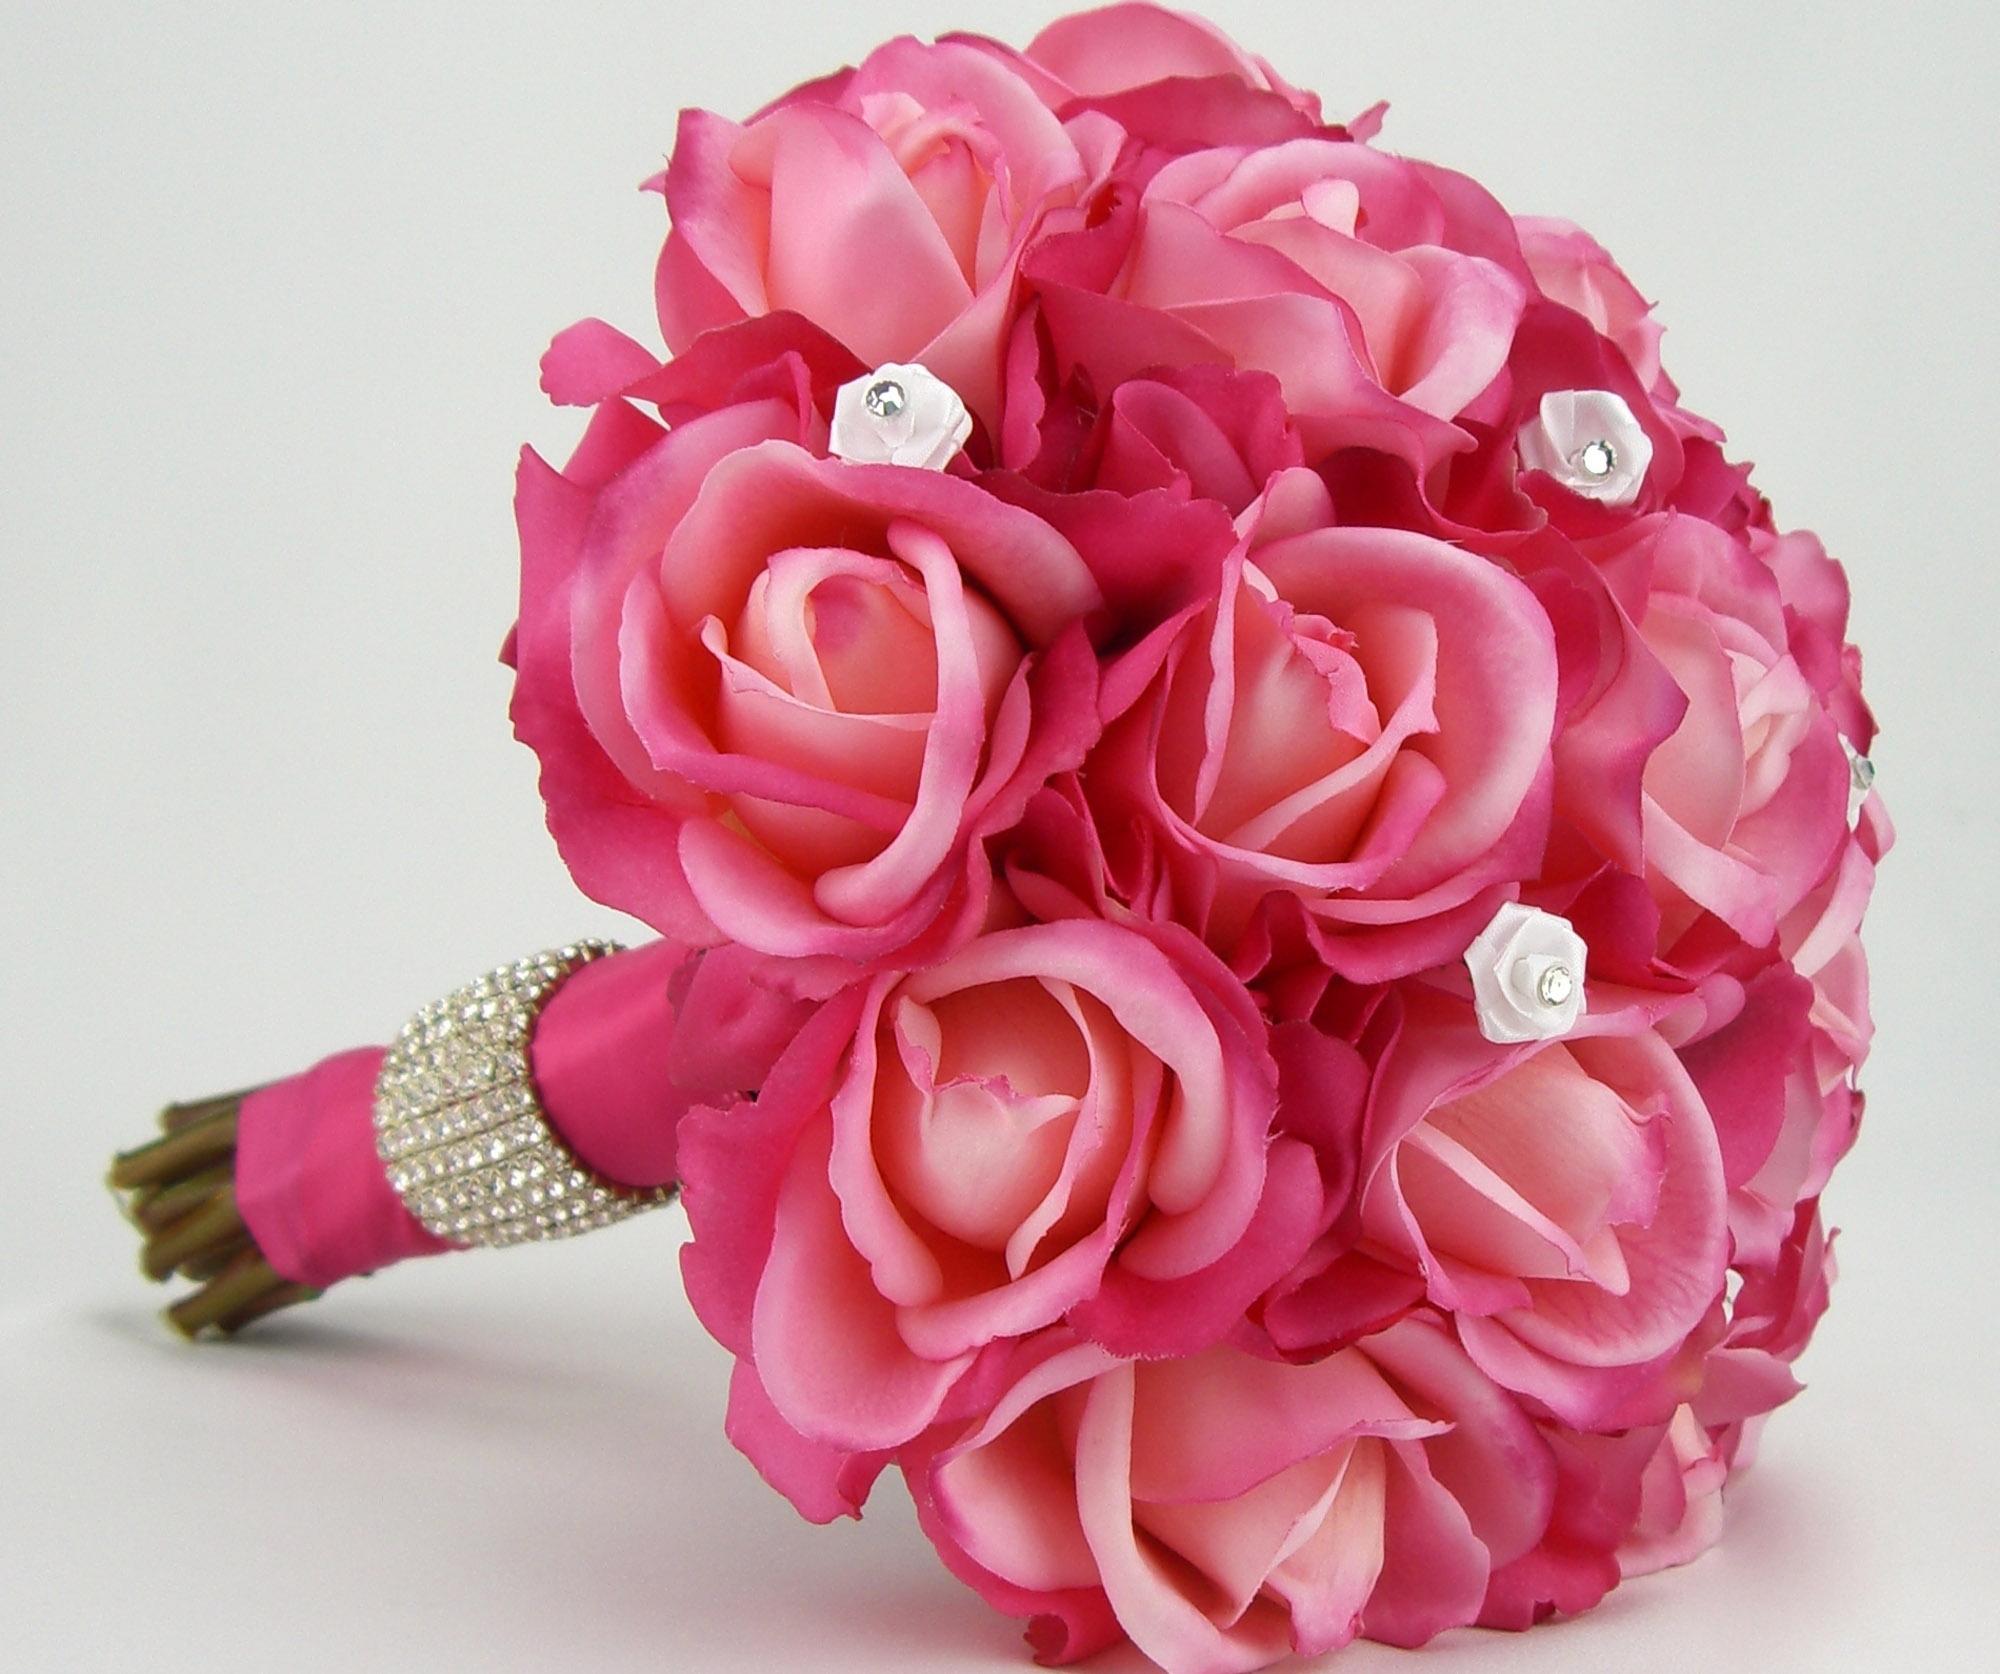 بالصور اجمل صور خلفيات لزهور الورد 9fb12fb5a690707f1d81223c87712845